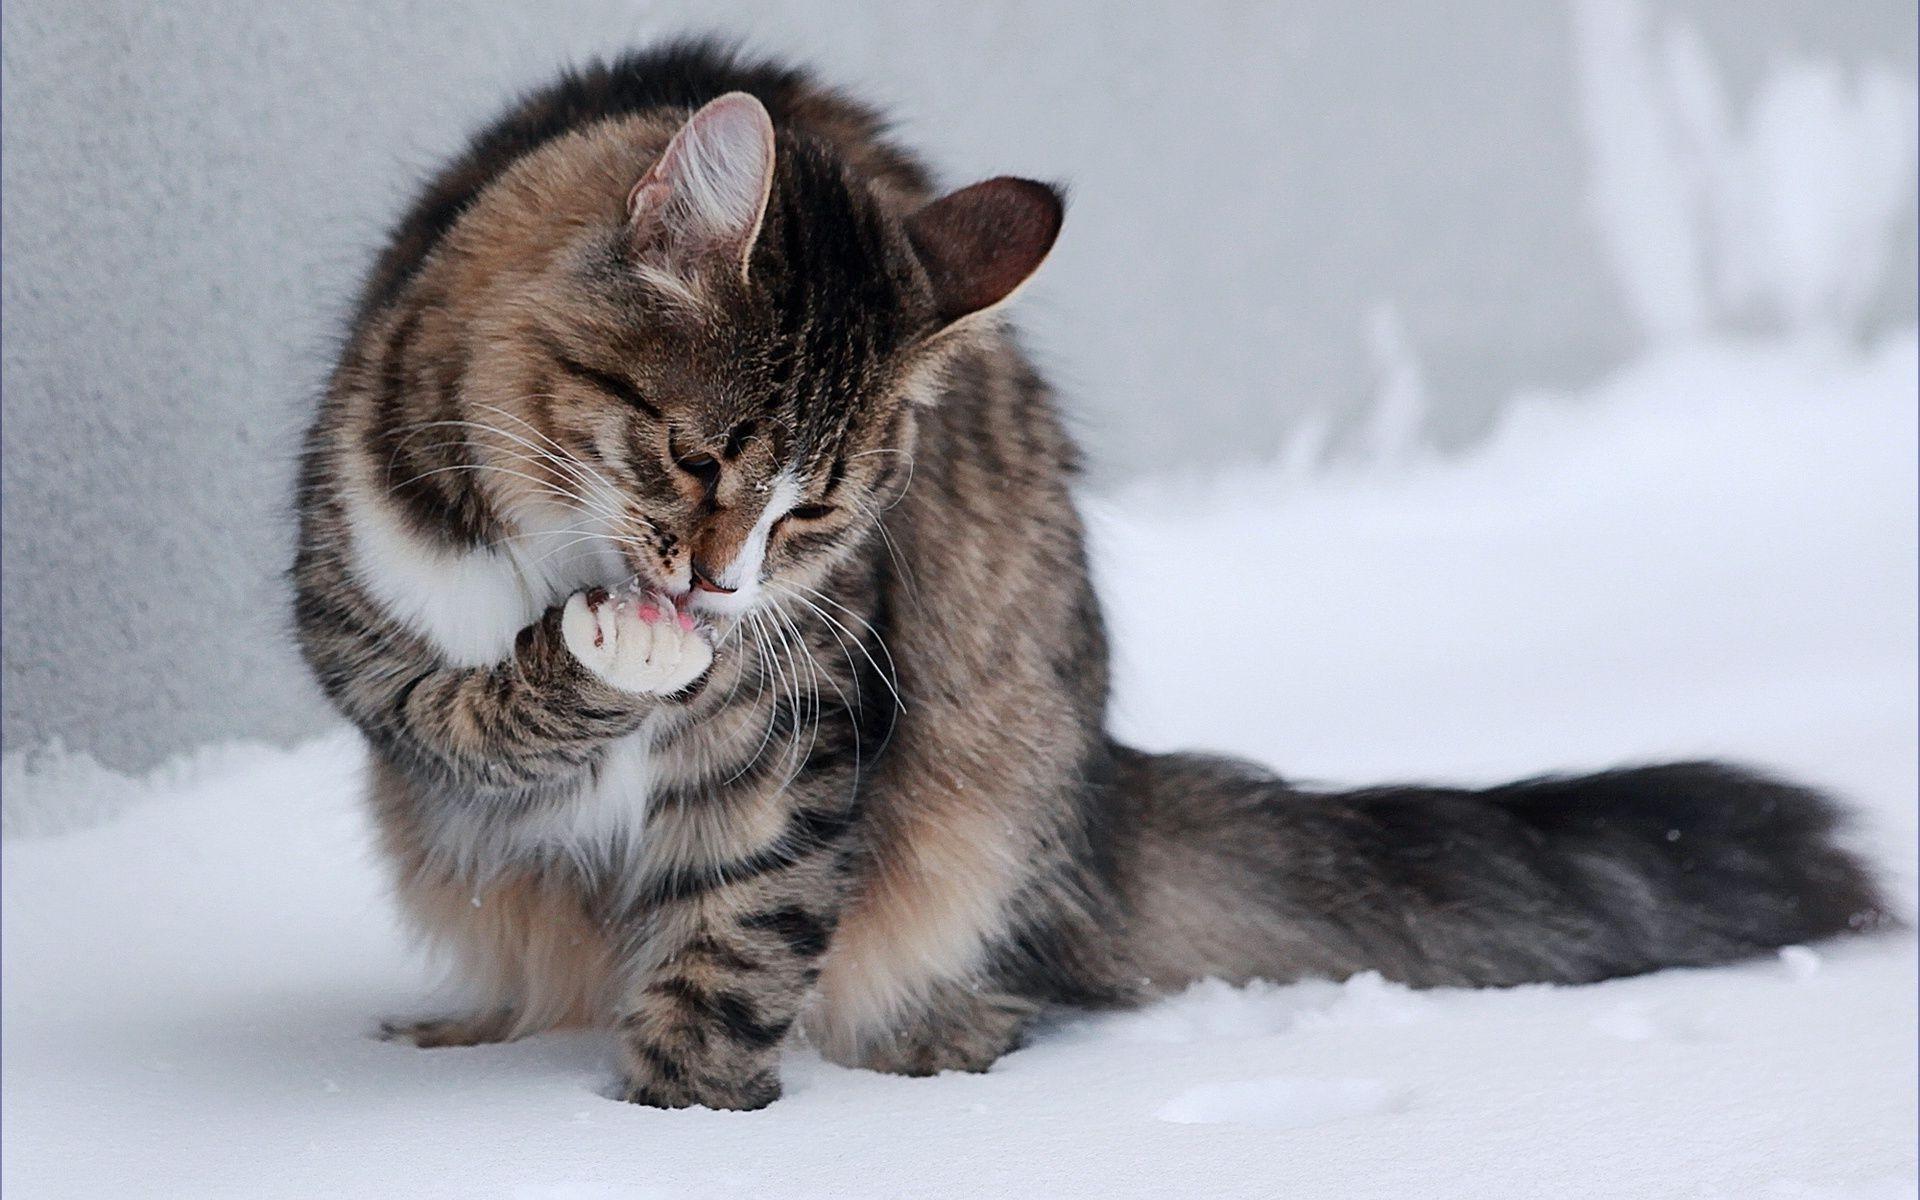 Кошечка лижет лапку на снегу - обои для рабочего стола.